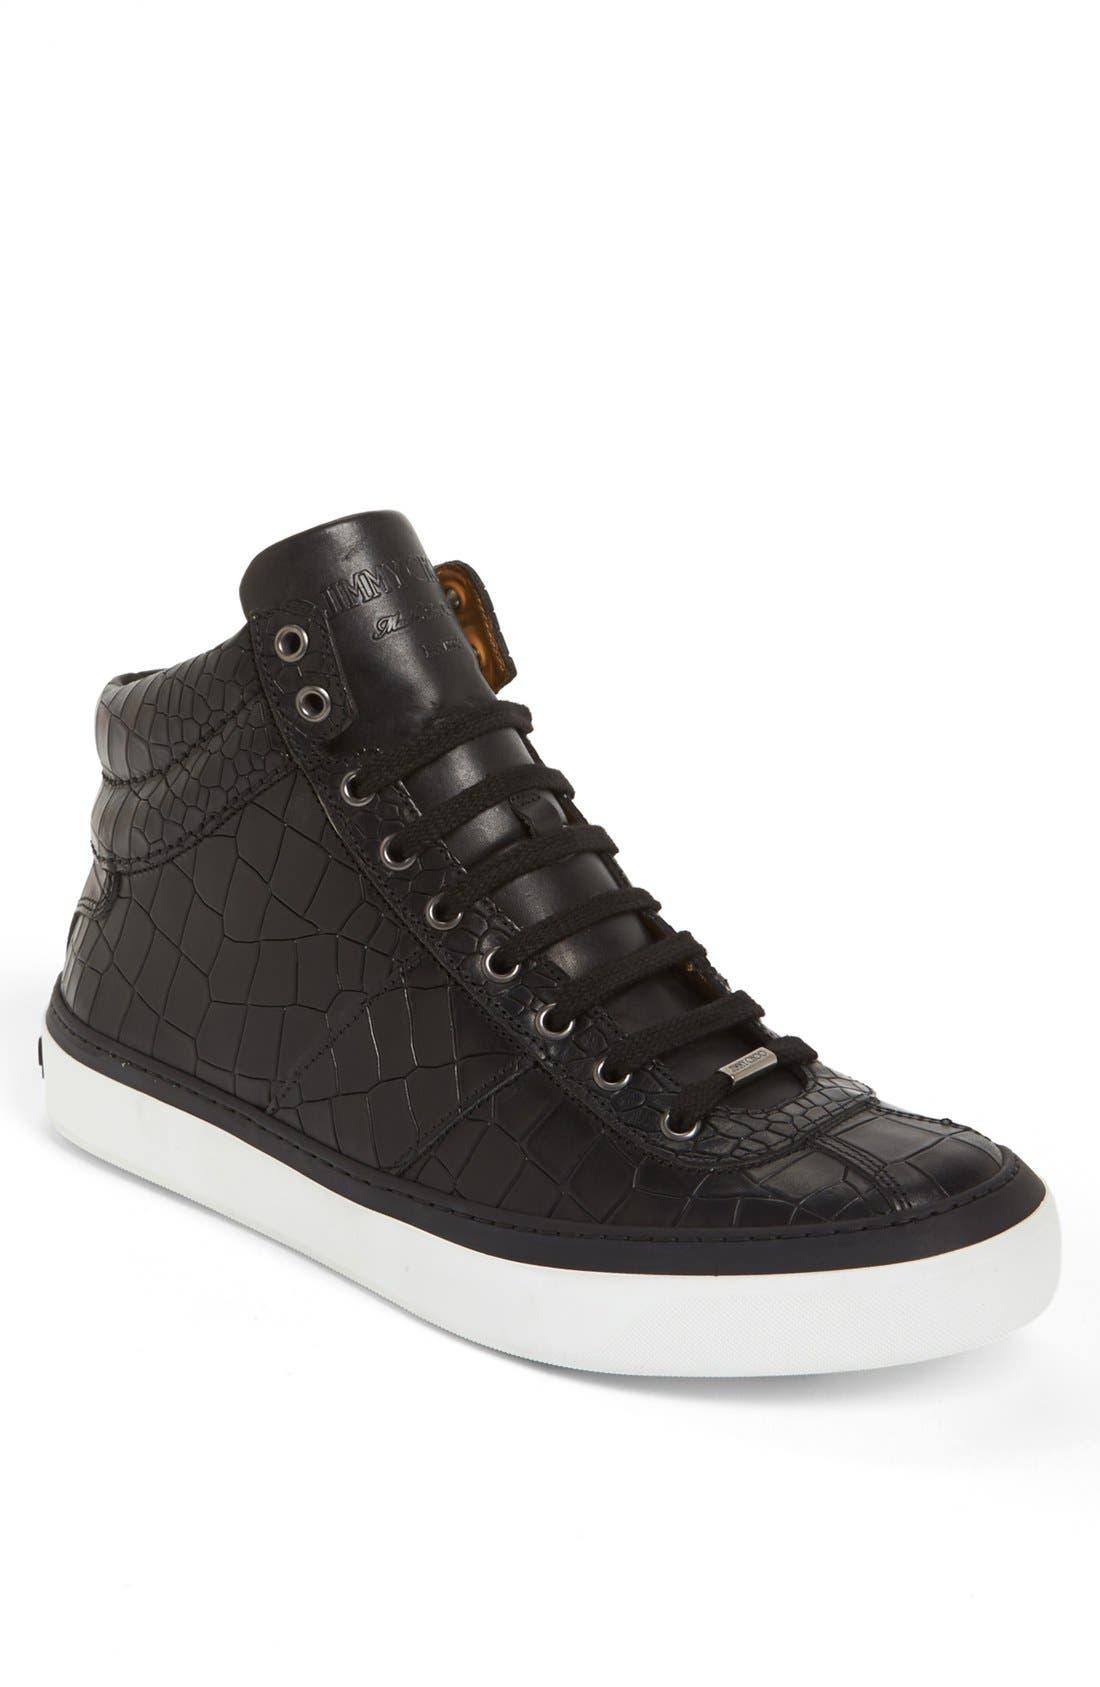 Alternate Image 1 Selected - Jimmy Choo Belgravia High Top Sneaker